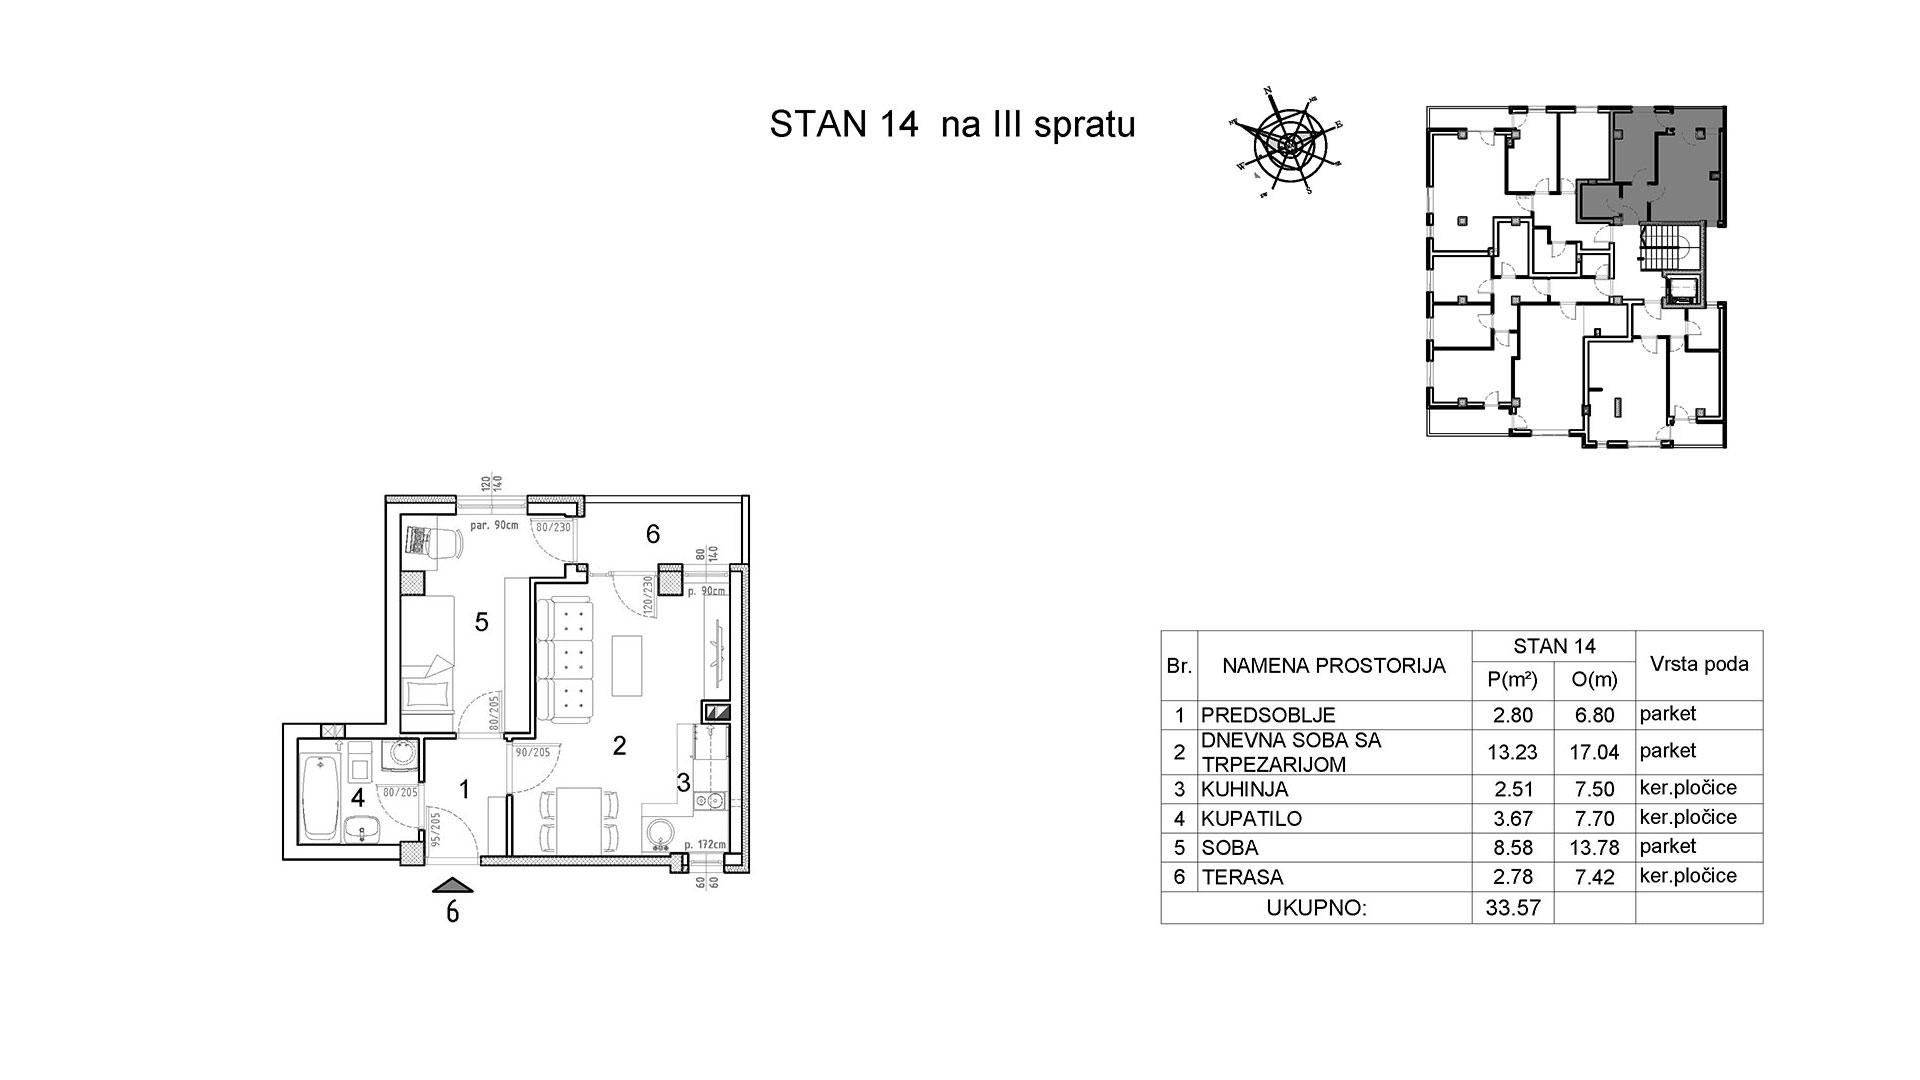 Objekat u Vranjanskoj 2 - stan 14